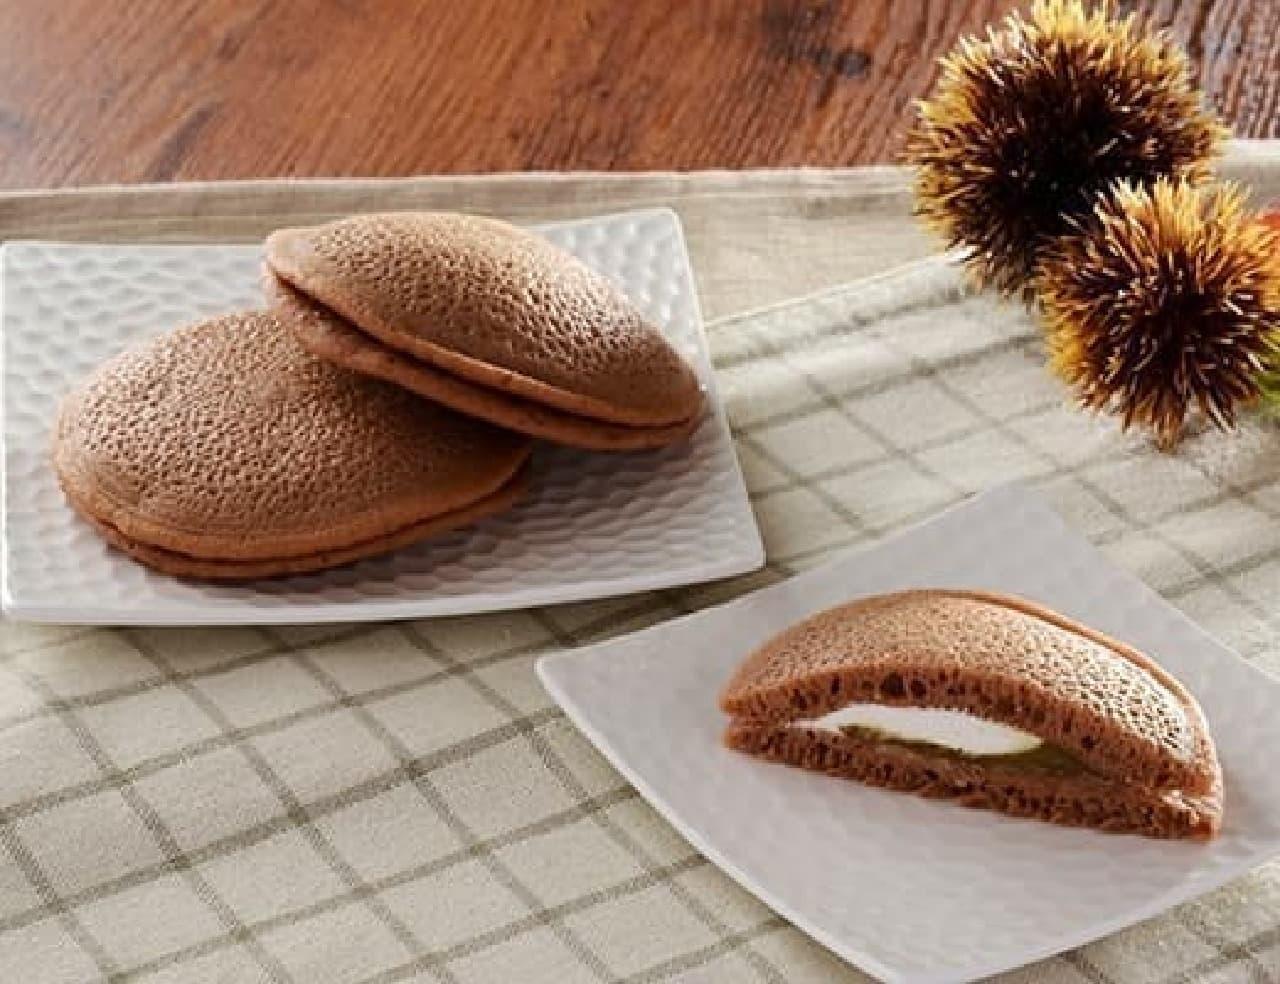 ローソン「栗のもちっとパンケーキ 栗あん&ホイップ 2個入」